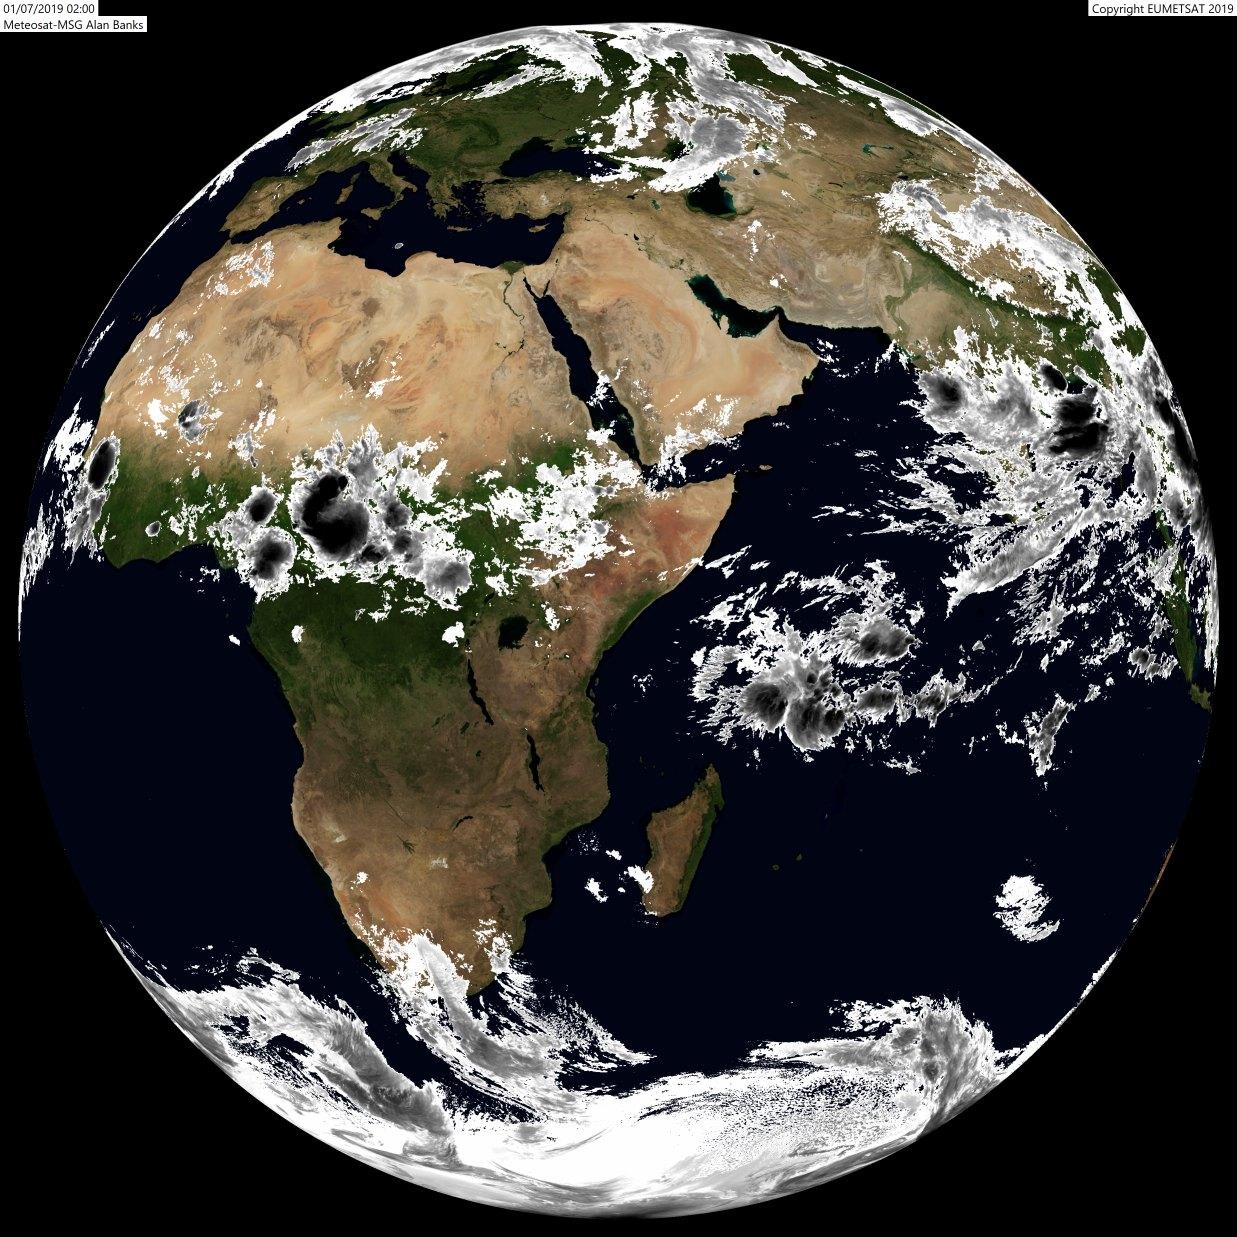 Globe Météosat de 6heures: le nouveau mois débute classiquement. Aucune perturbation près des Mascareignes, les hautes pressions dominent et les systèmes frontaux sont coincés loin au sud de chez nous pour le moment. A.BANKS